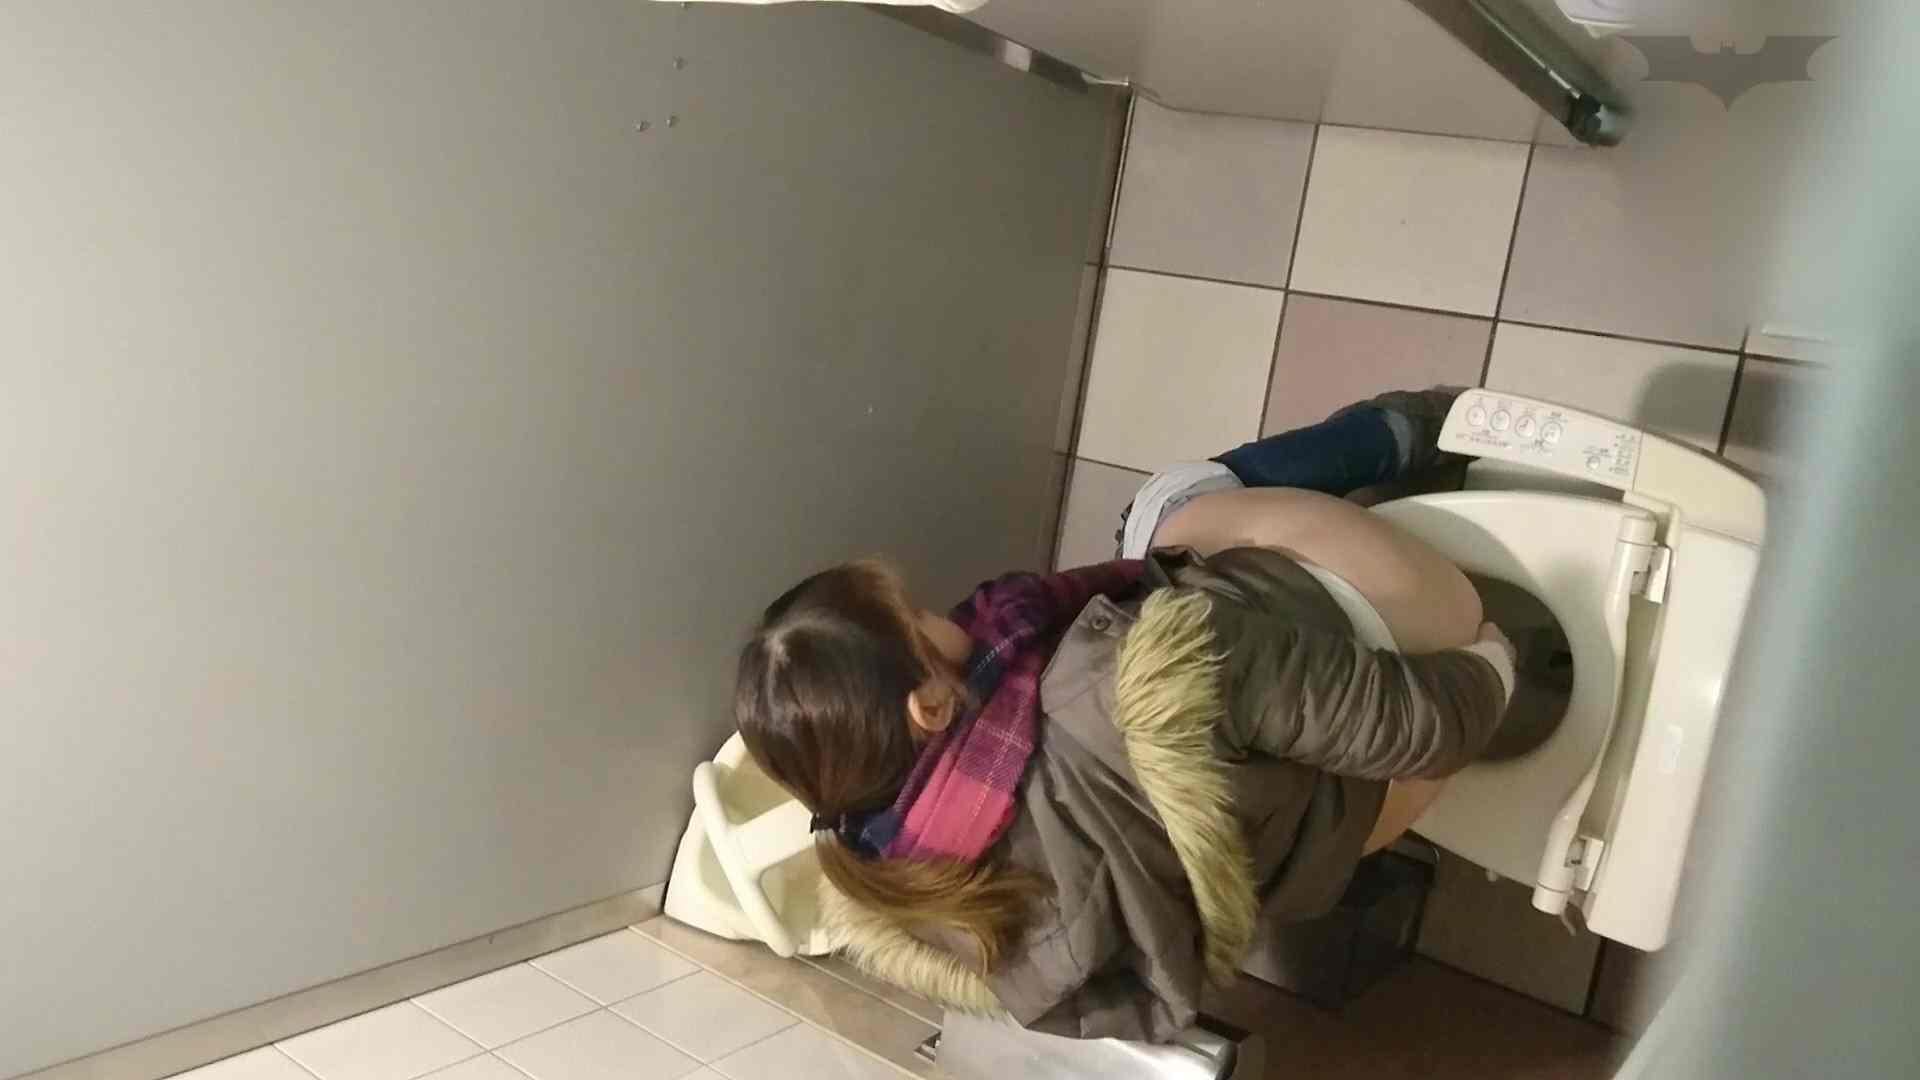 化粧室絵巻 ショッピングモール編 VOL.09 美肌  97PIX 10